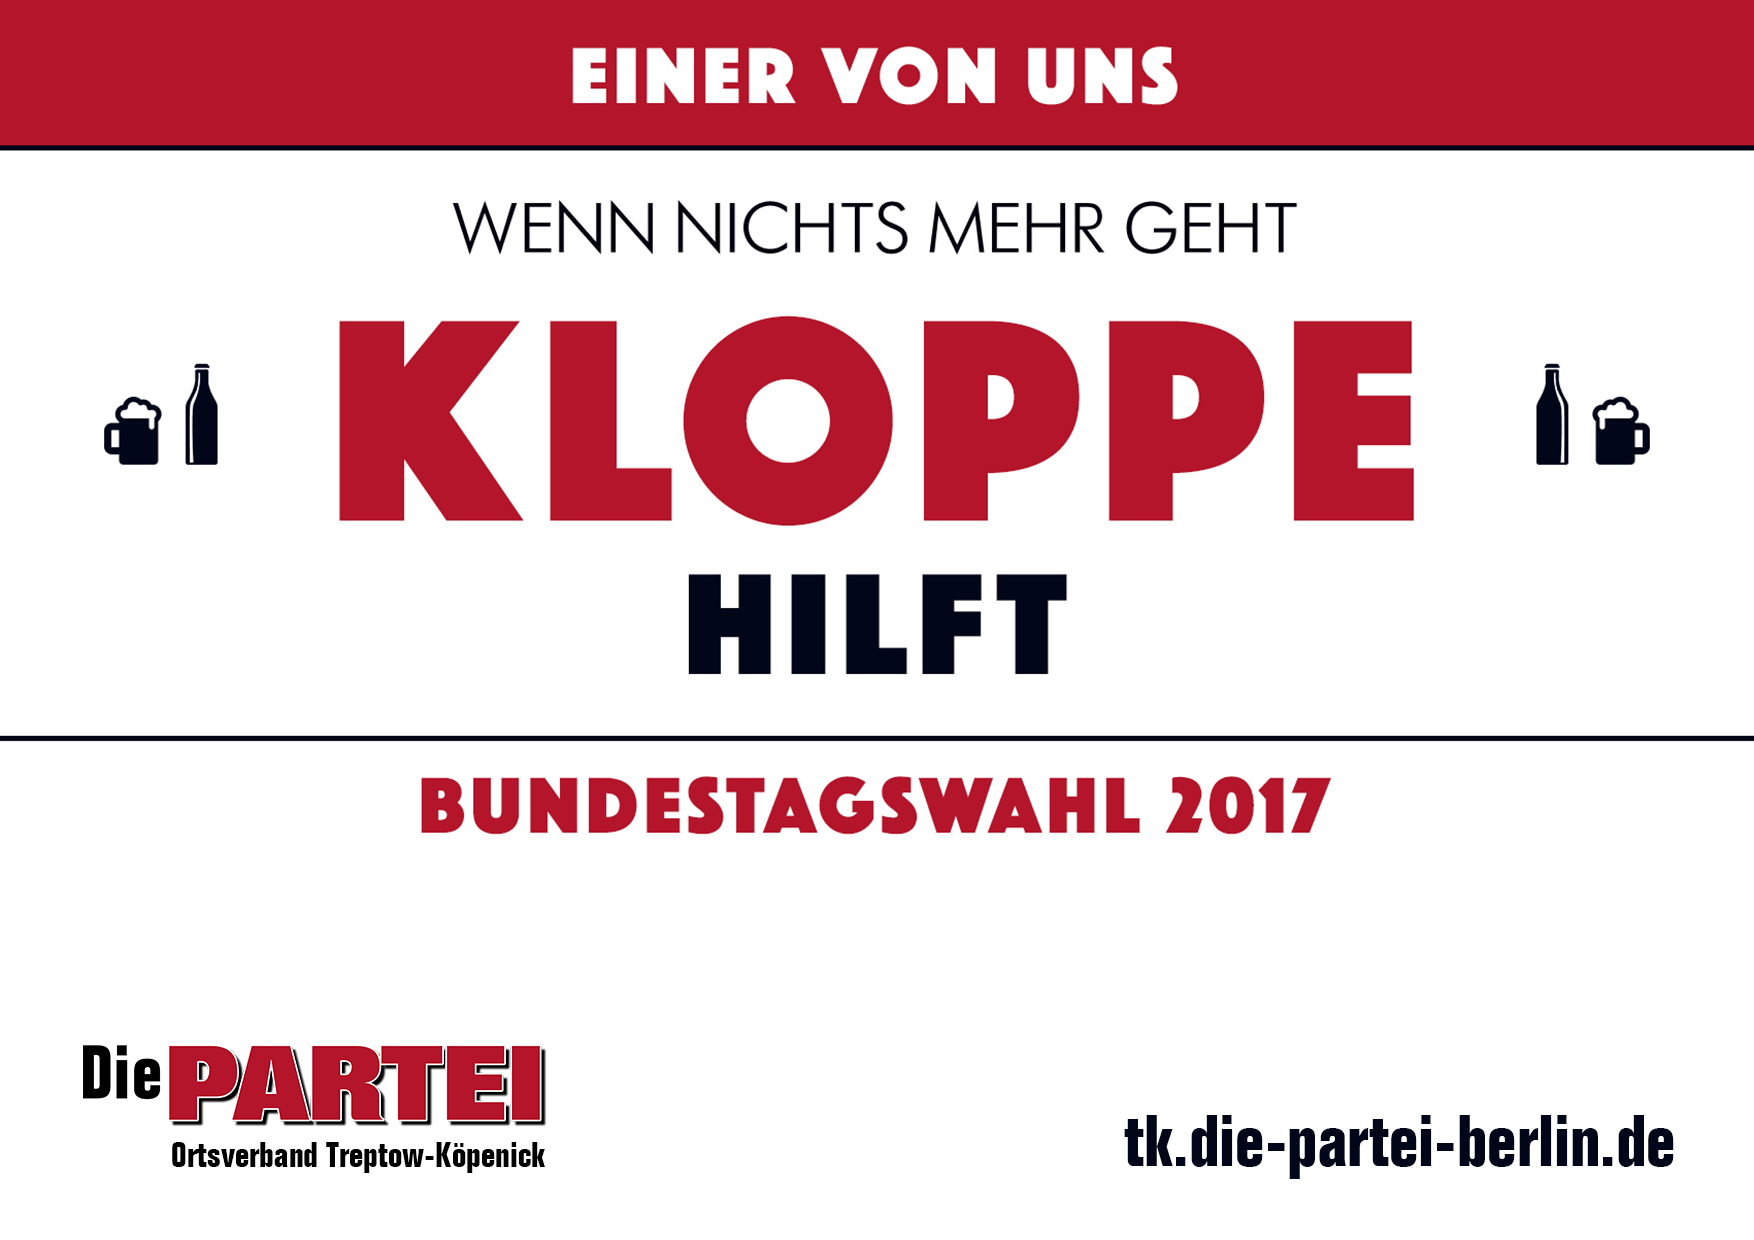 kloppe-schild_1